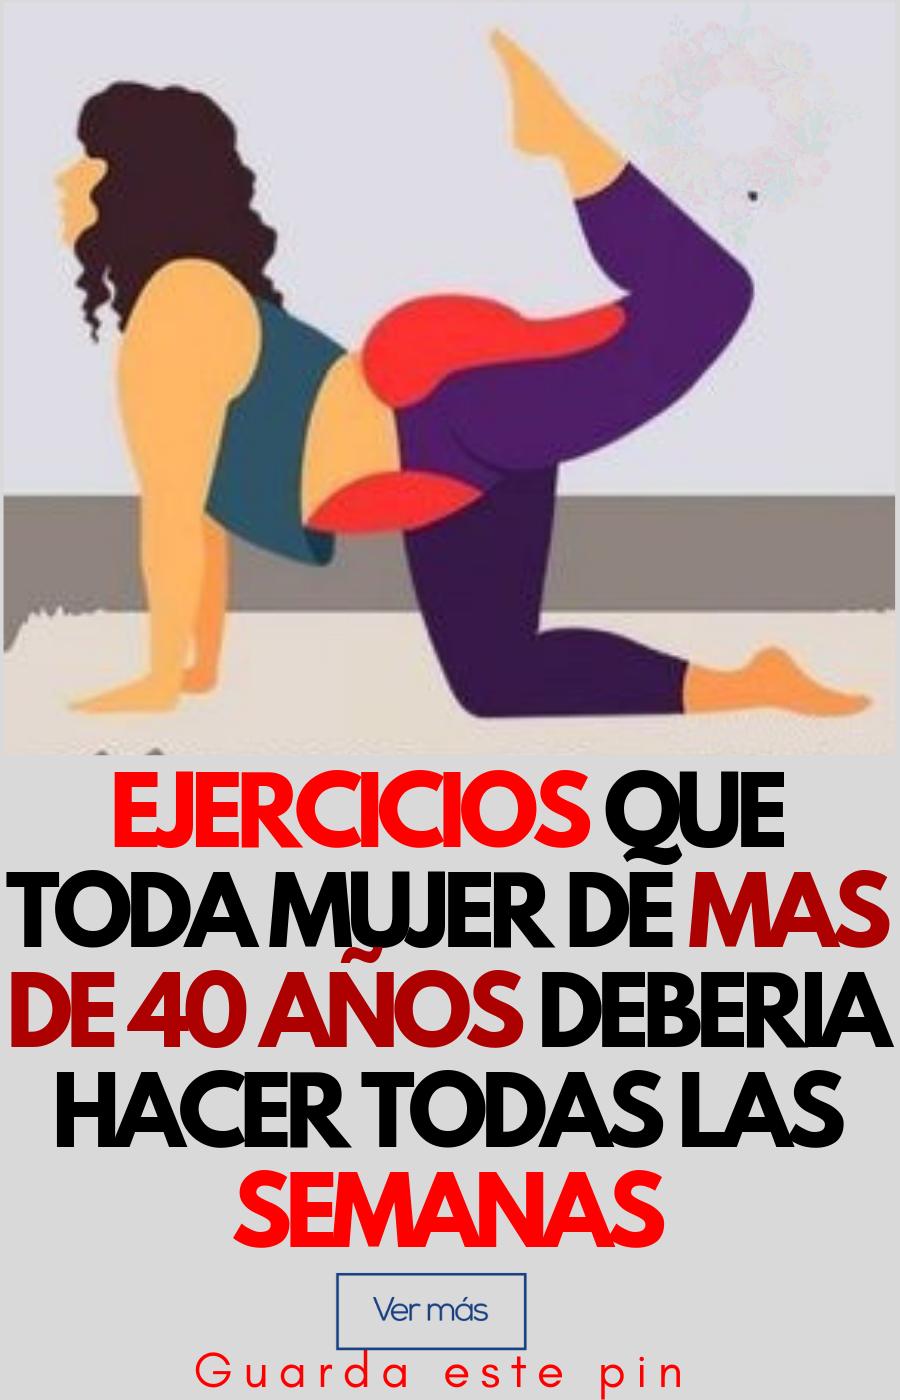 rutina de ejercicios para bajar de peso mujeres de 40 años